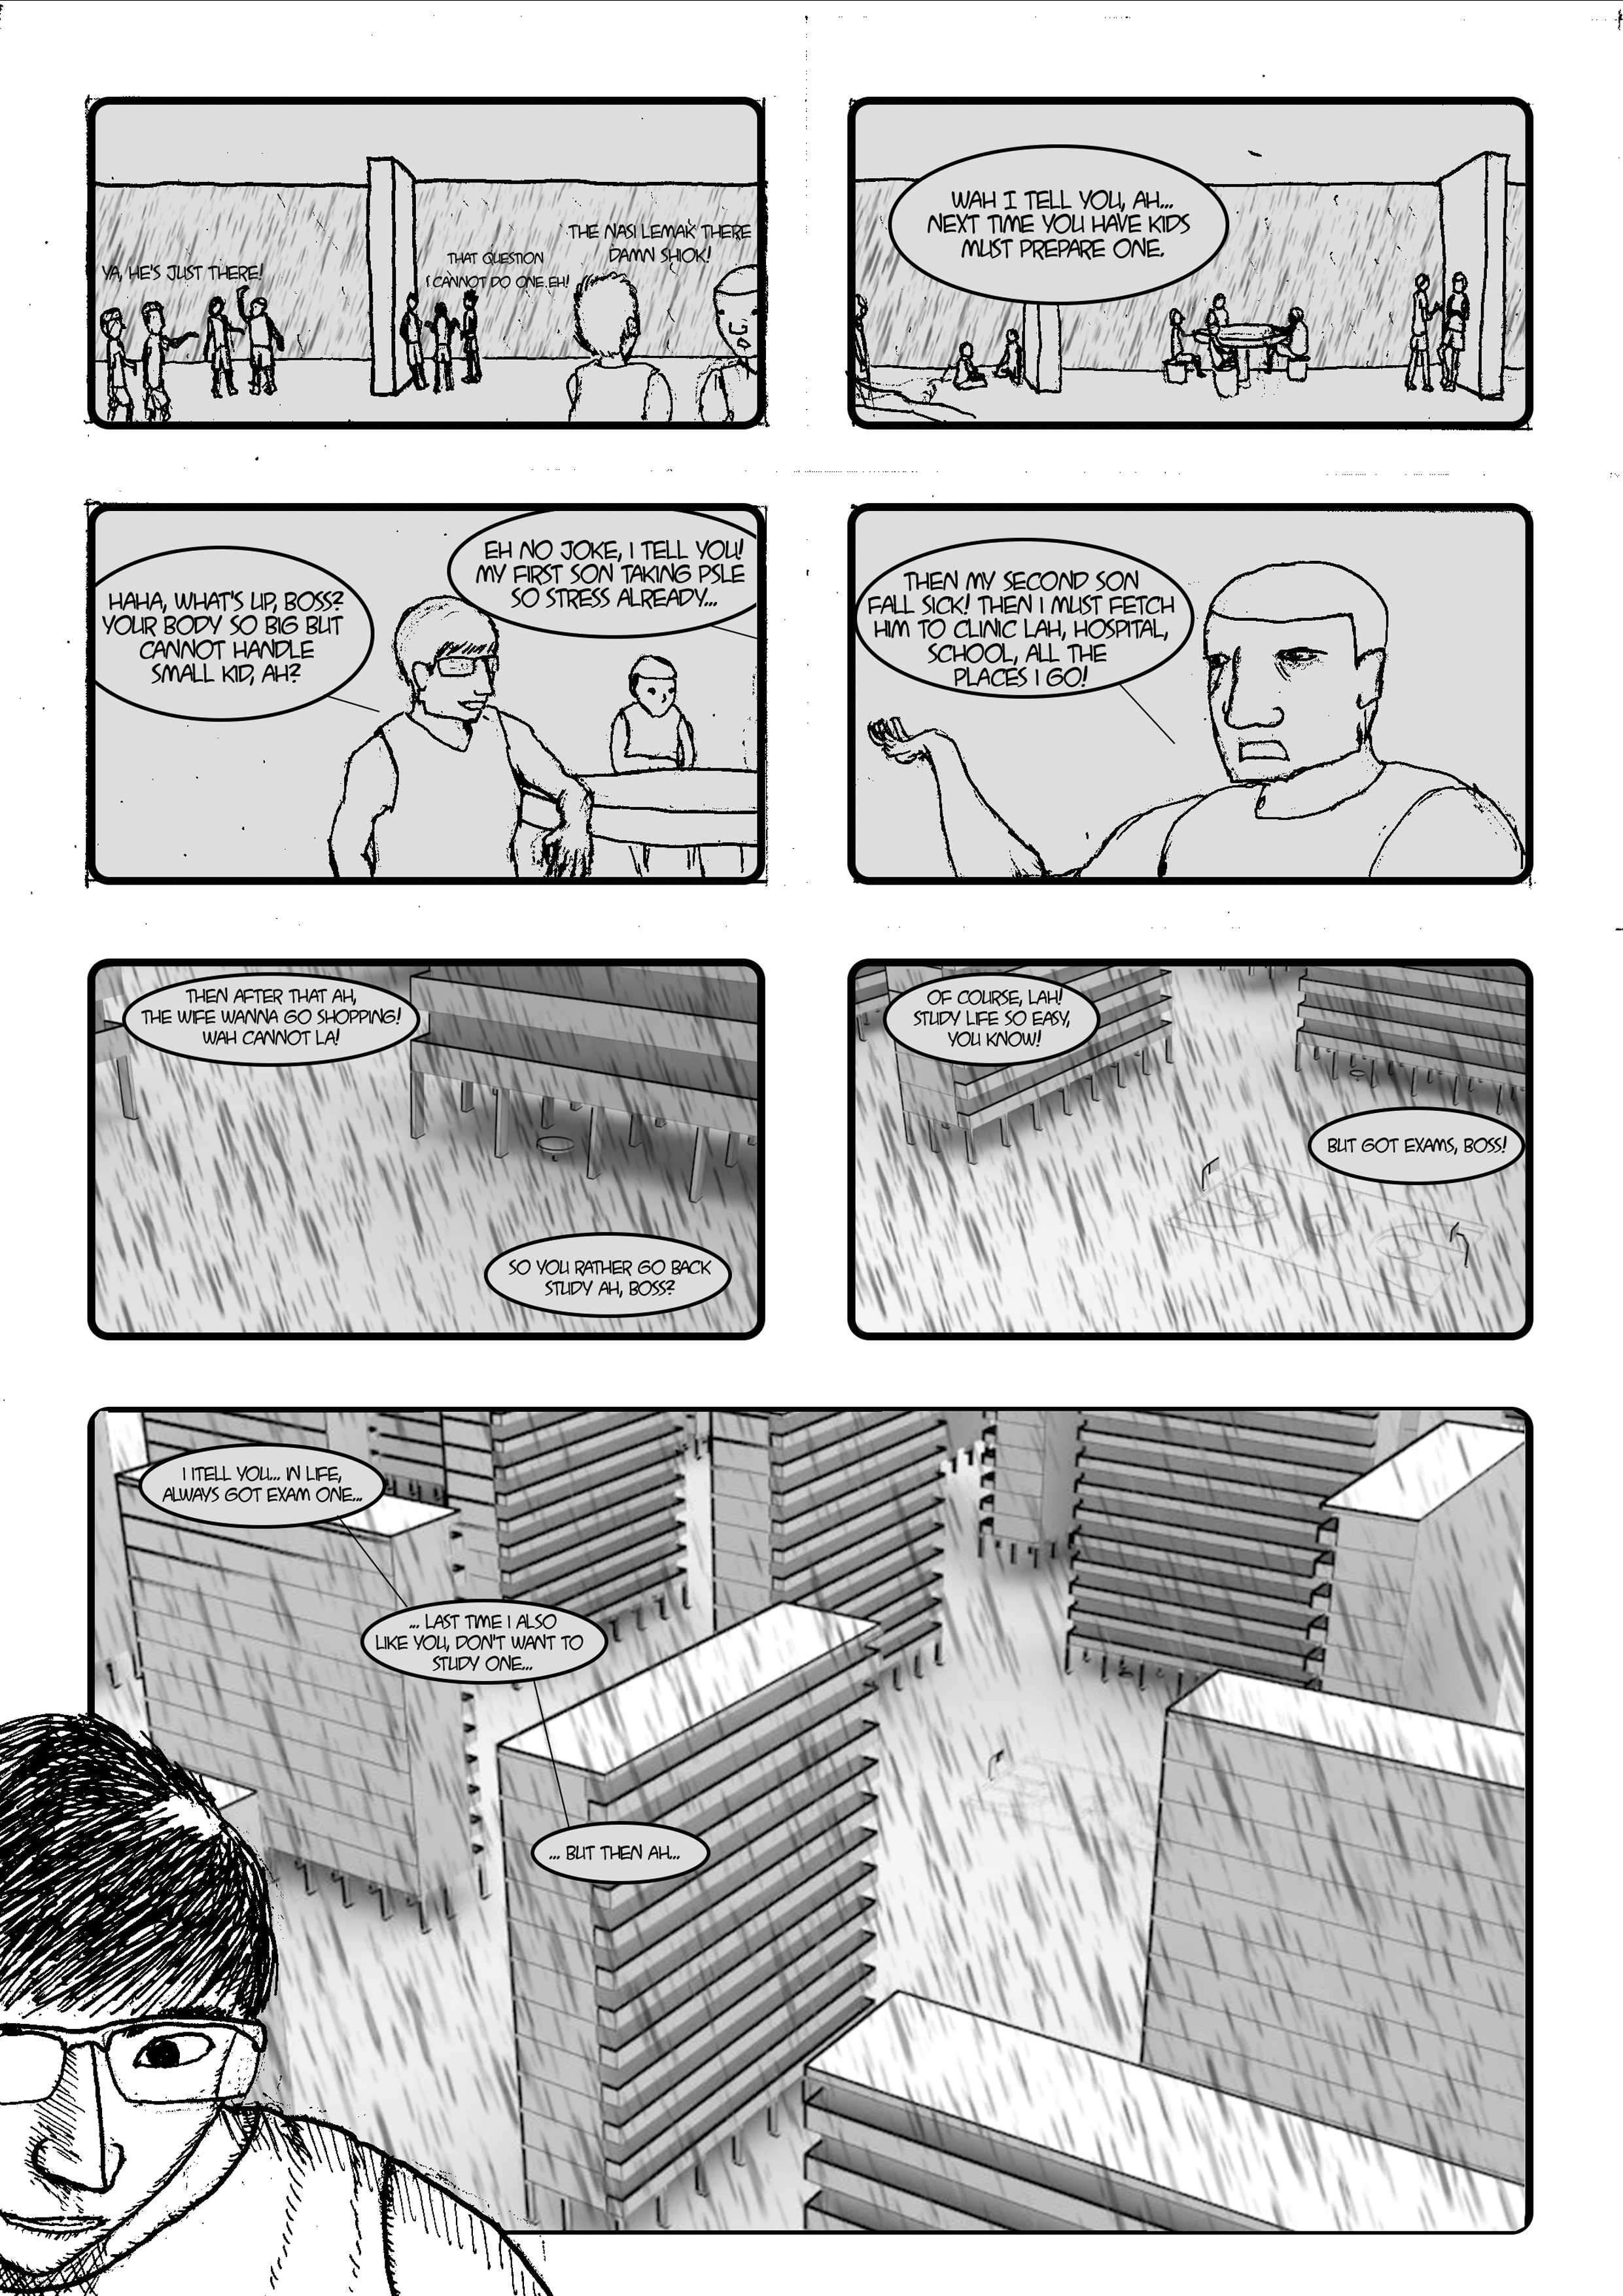 Ivan Deviano_week 4 comic scans_Page_4.jpg